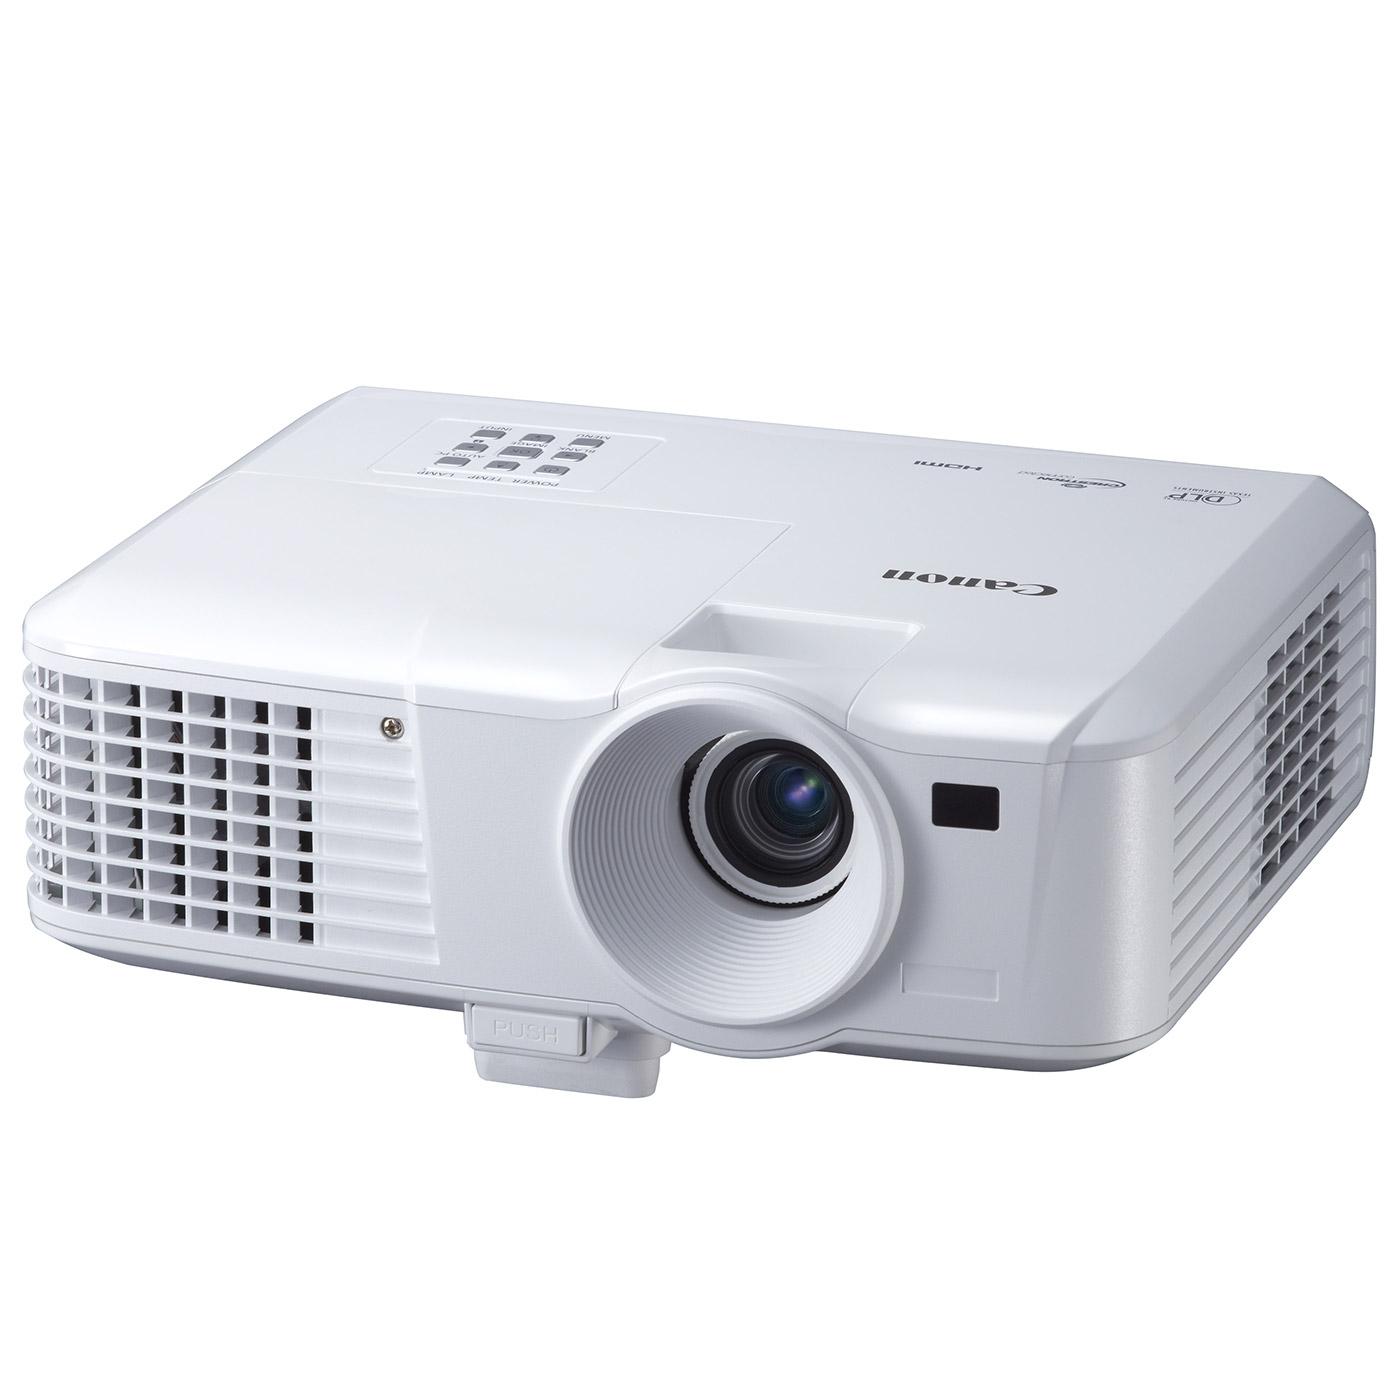 Vidéoprojecteur Canon LV-WX300 Vidéoprojecteur DLP WXGA 3000 Lumens HDMI (garantie constructeur 3 ans)